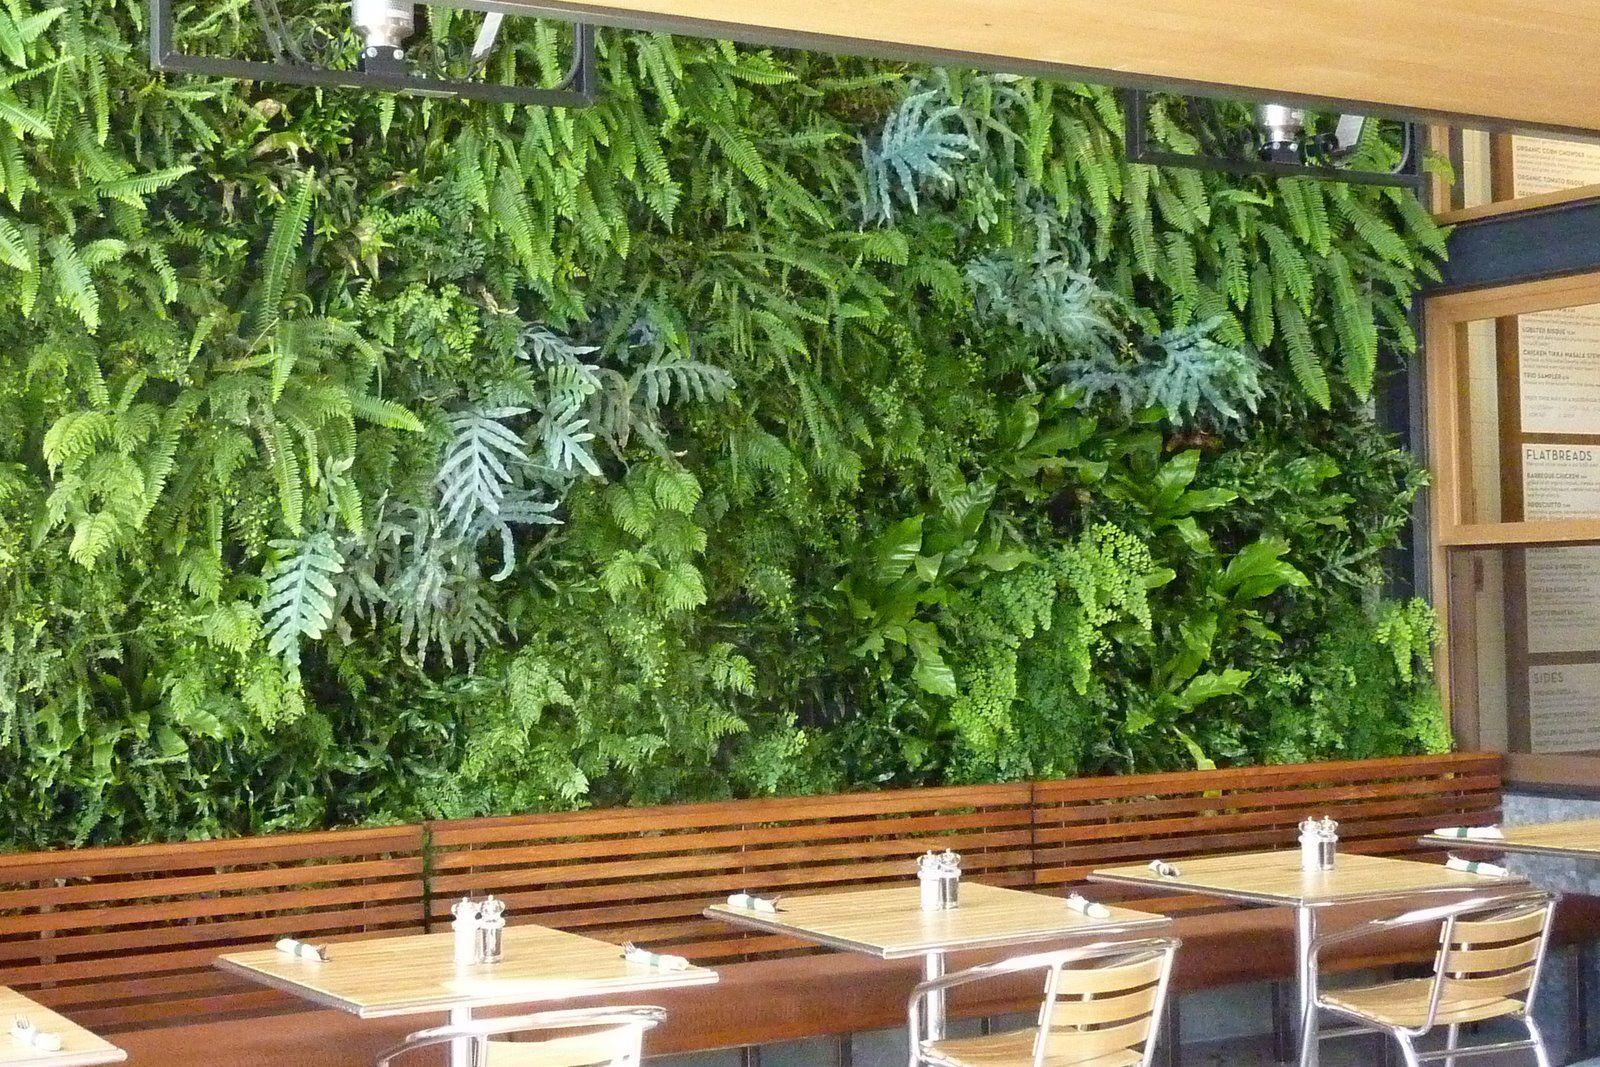 Vertical Wall Garden Ideas garden ideas landscaping ideas vertical planting small garden trellises living wall Vertical Garden Ideasjpg 16001067